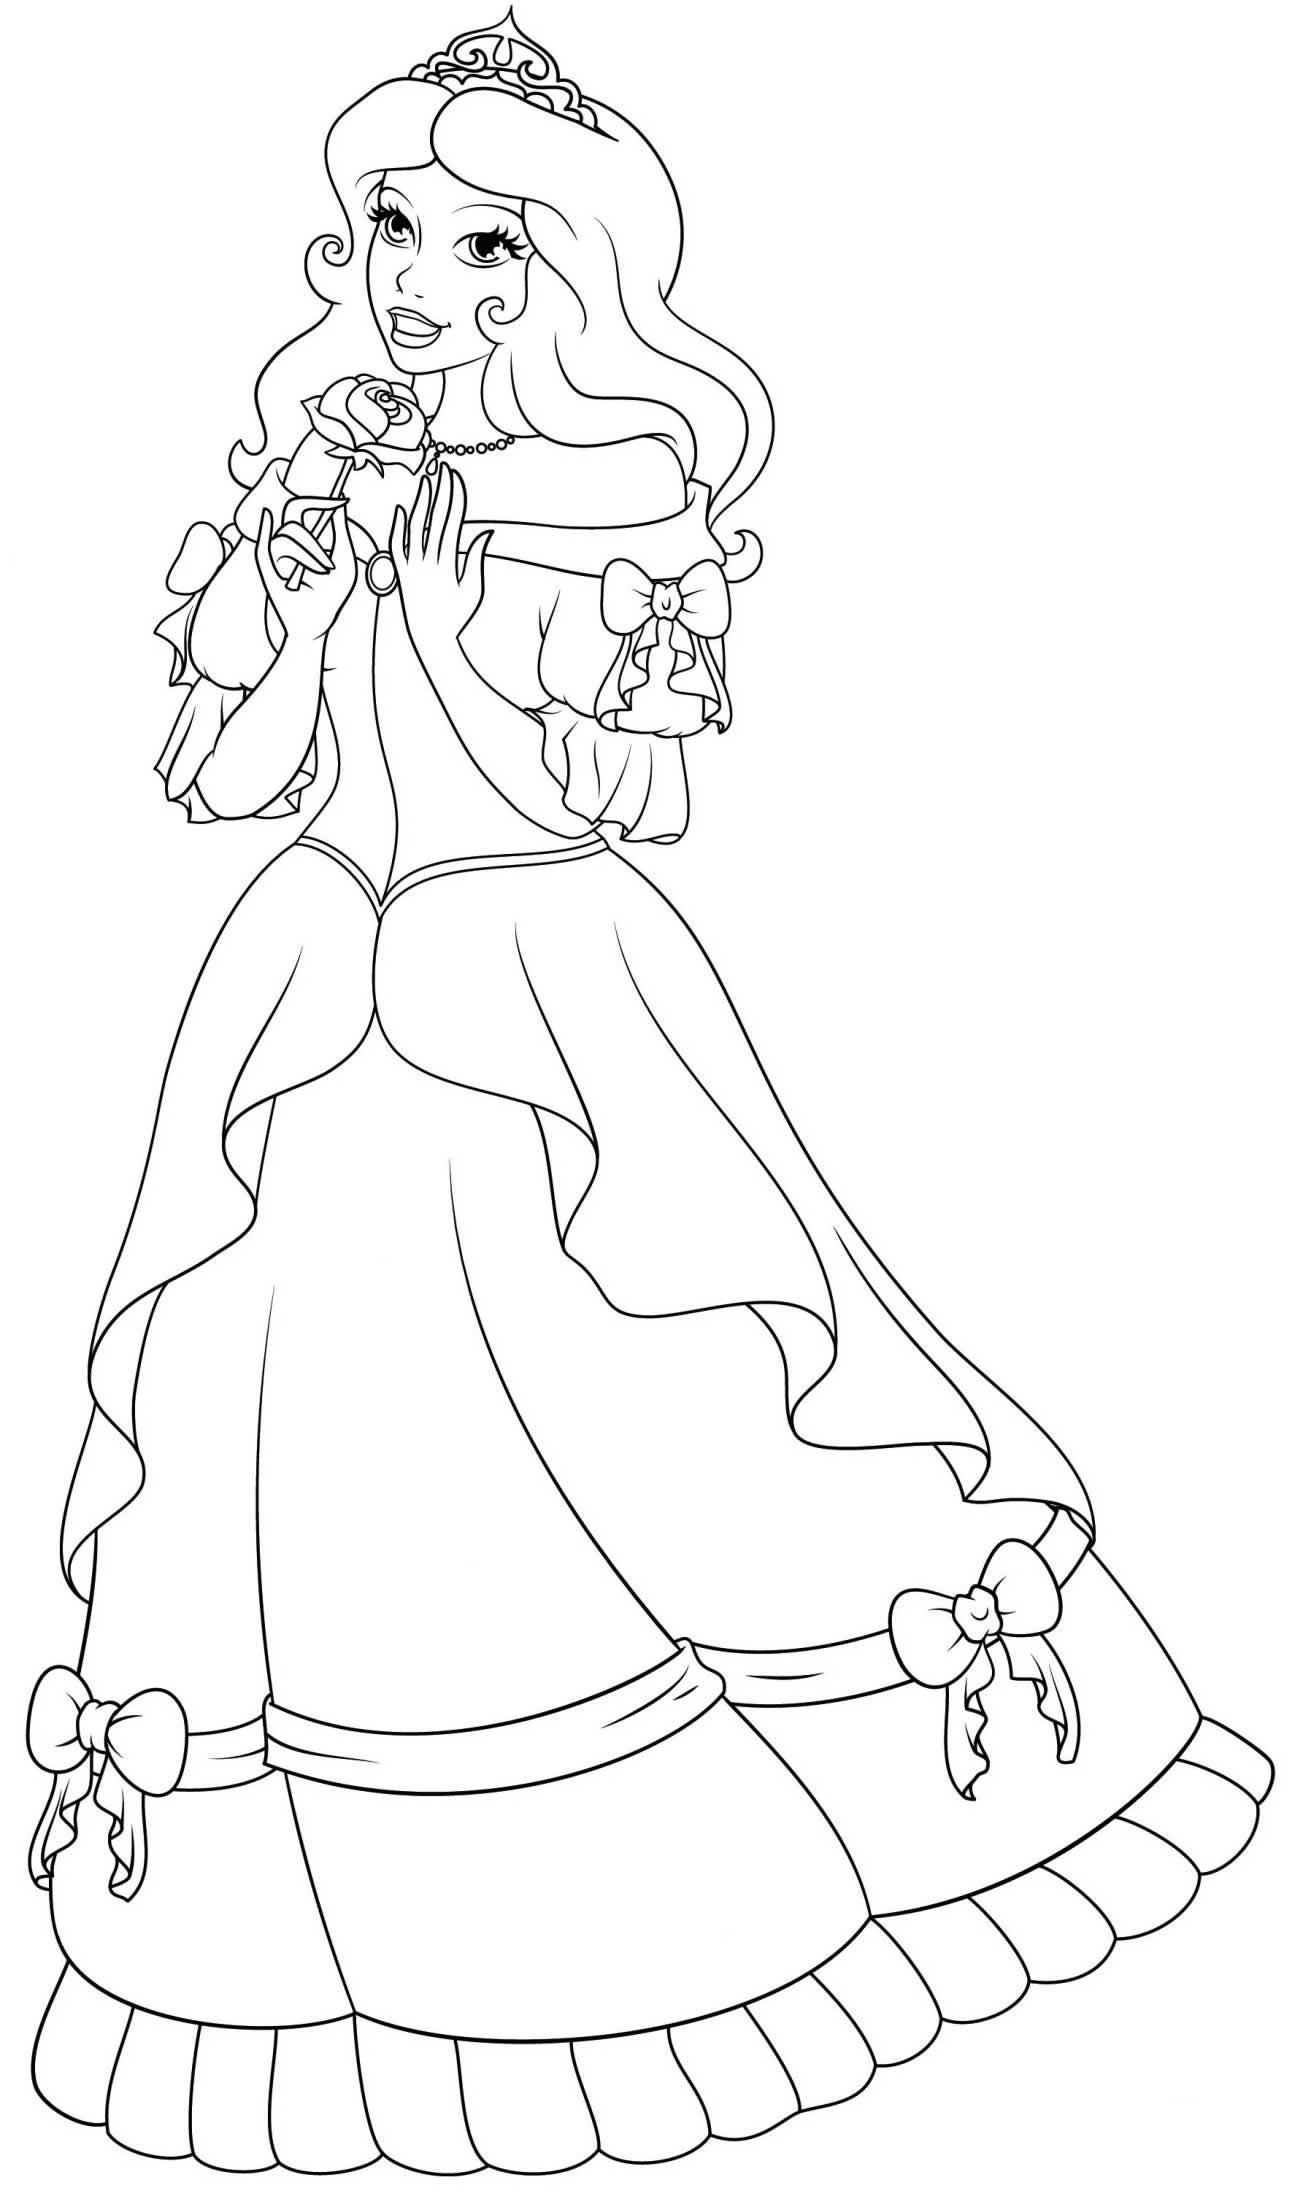 Lindo desenho de princesa para colorir